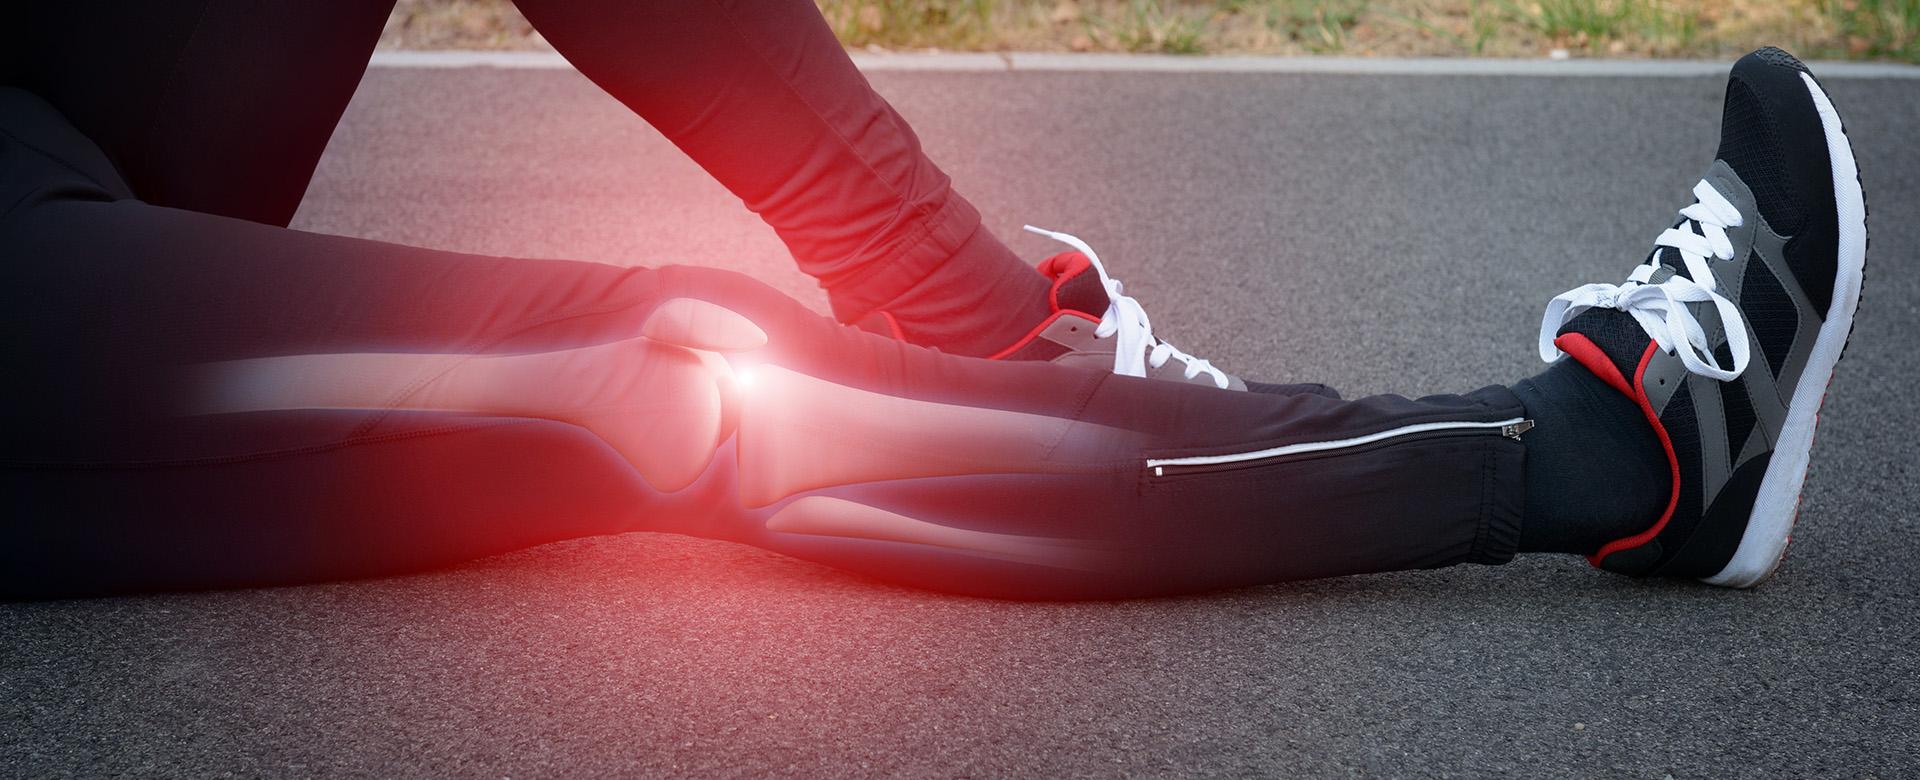 Οστεοαρθρίτιδα γόνατος κατάγματα